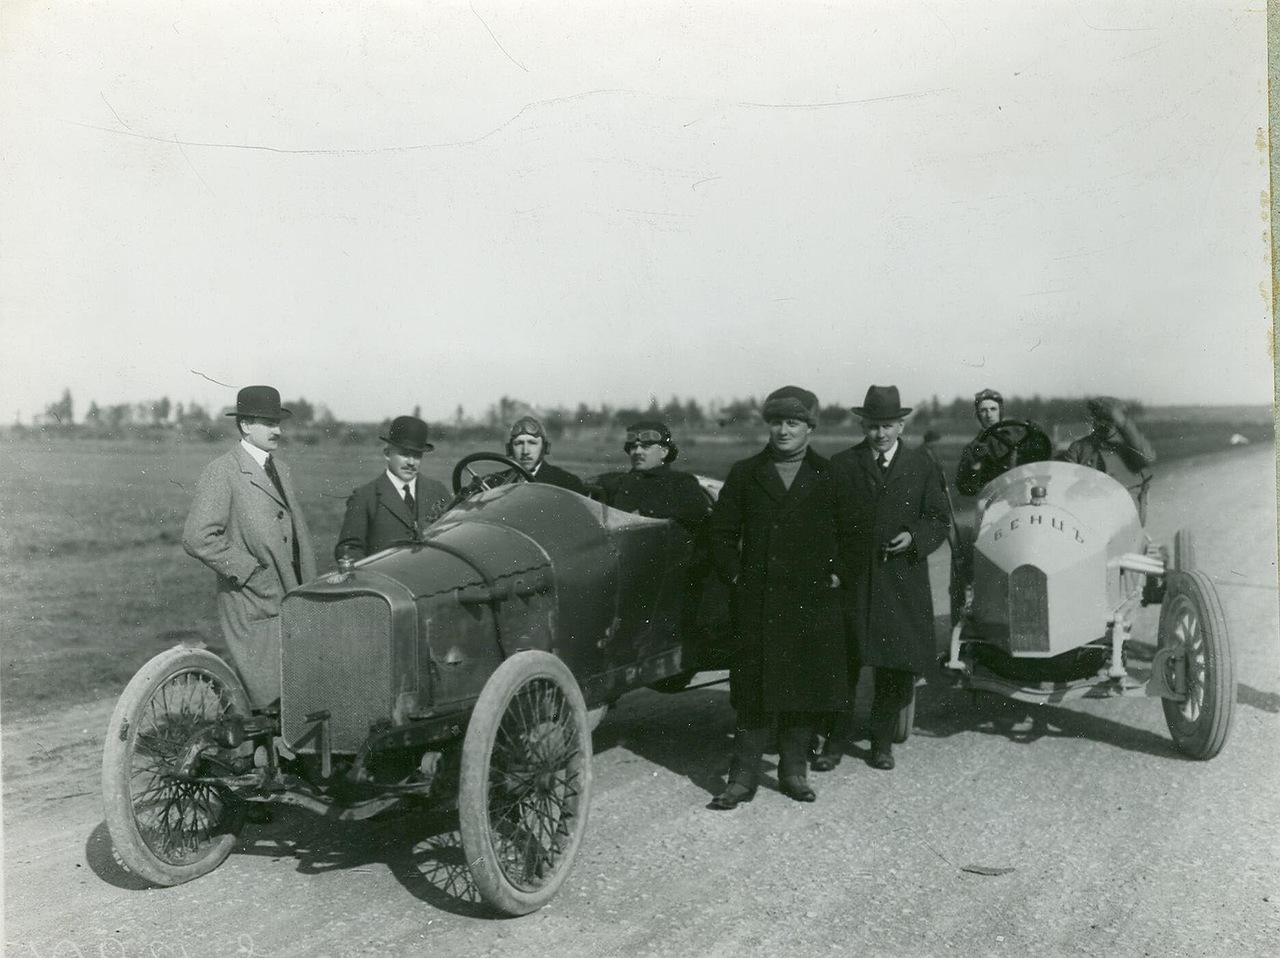 0_a9447_2cc47061_XXXLАвтомобили фирмы Бенц в поле.